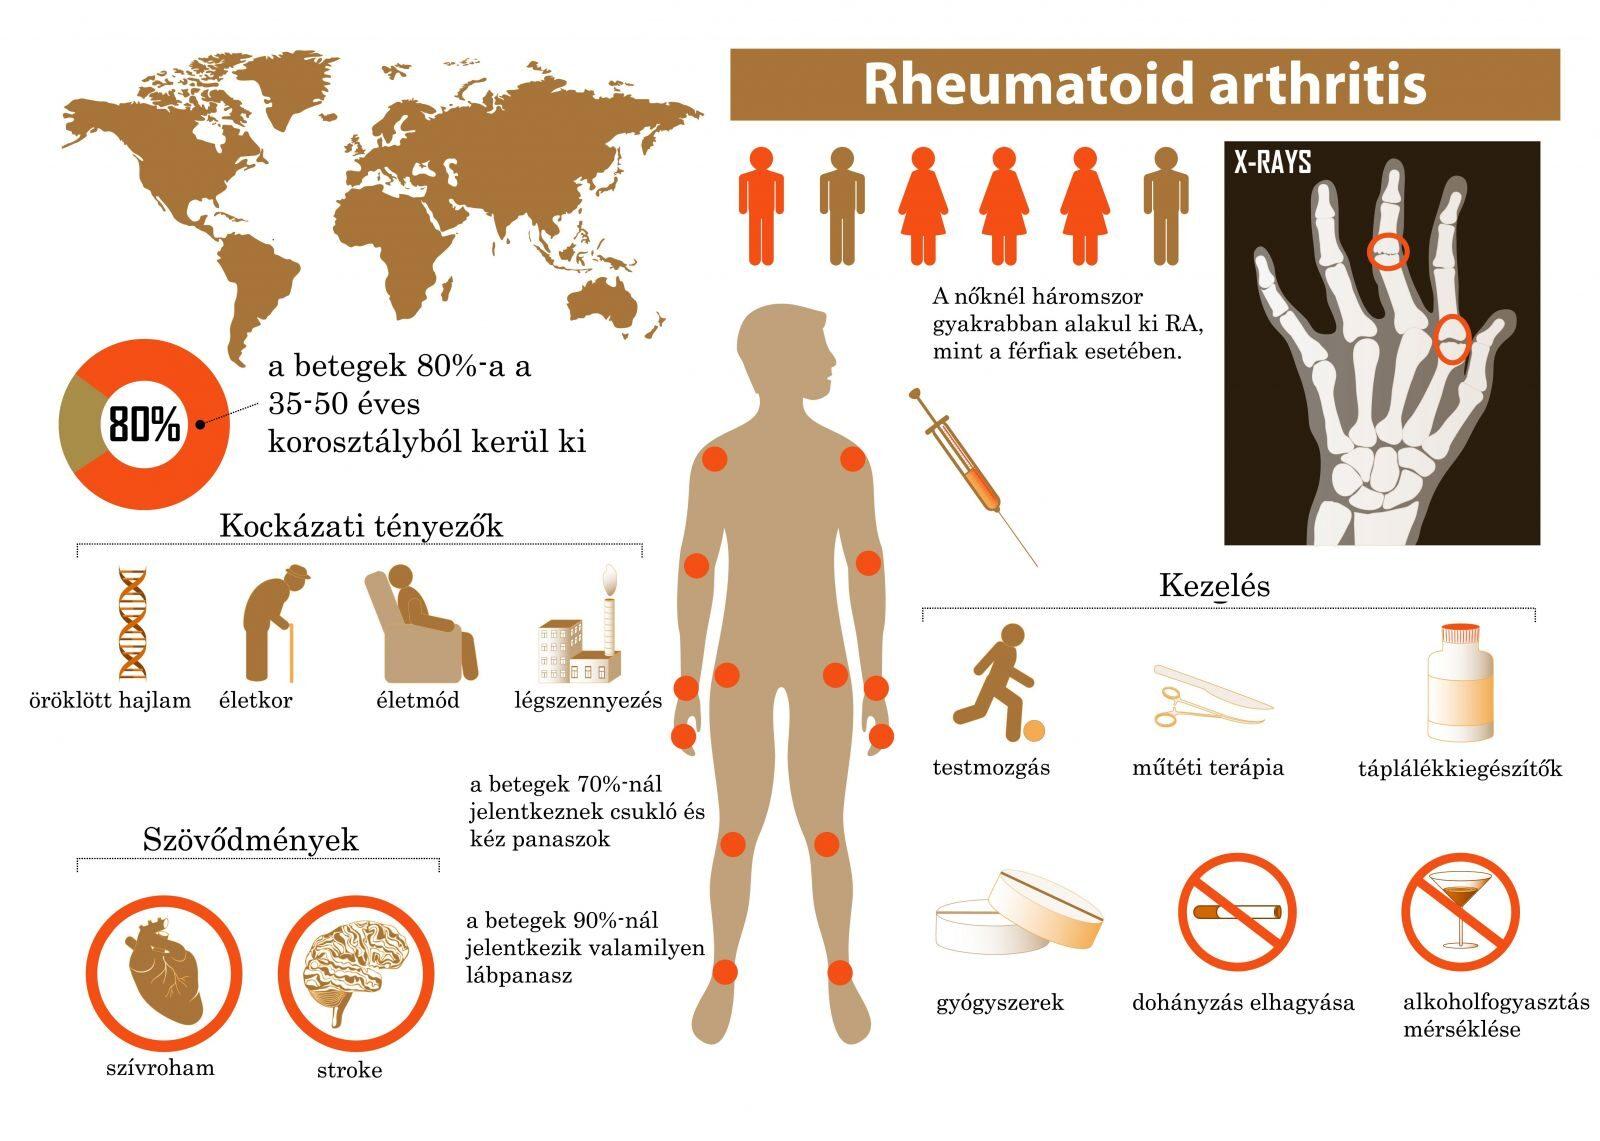 gyulladás az ízületekben és a gerincben ízületek artrózis kezelésére szolgáló módszerek